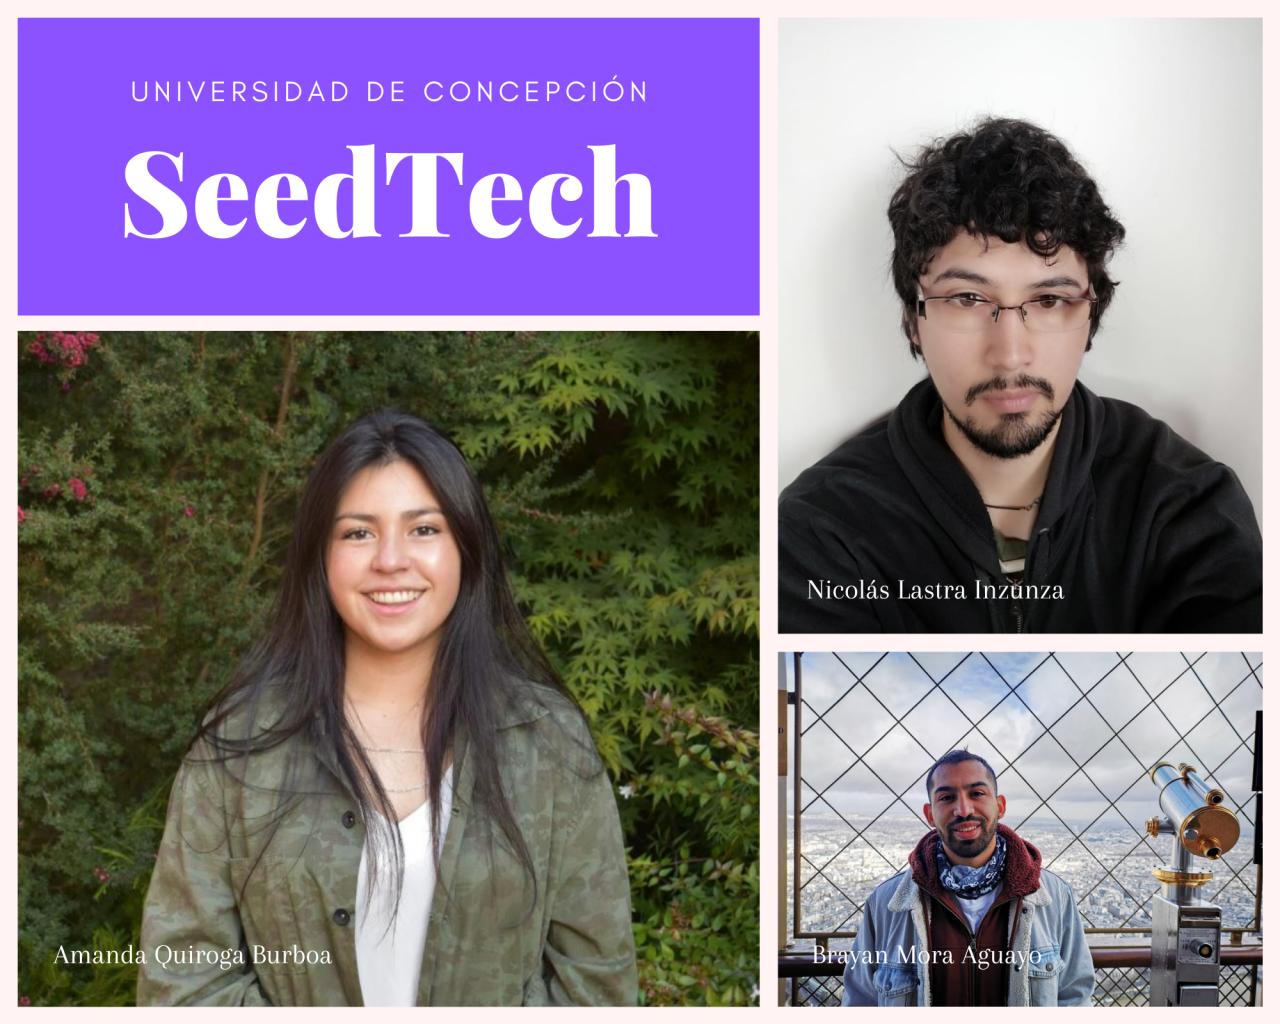 SeedTech: estudiantes y académicos se preparan para innovar y emprender desde el conocimiento